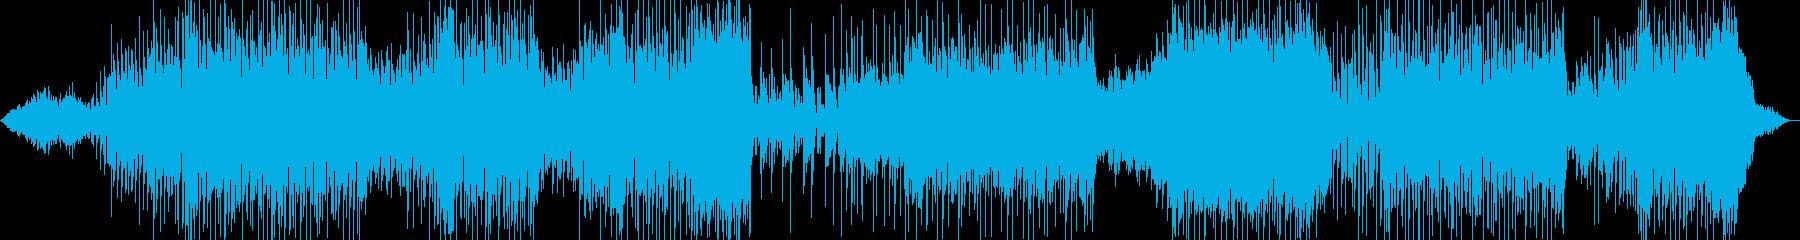 宇宙的で疾走感あるテクノ、EDMの再生済みの波形